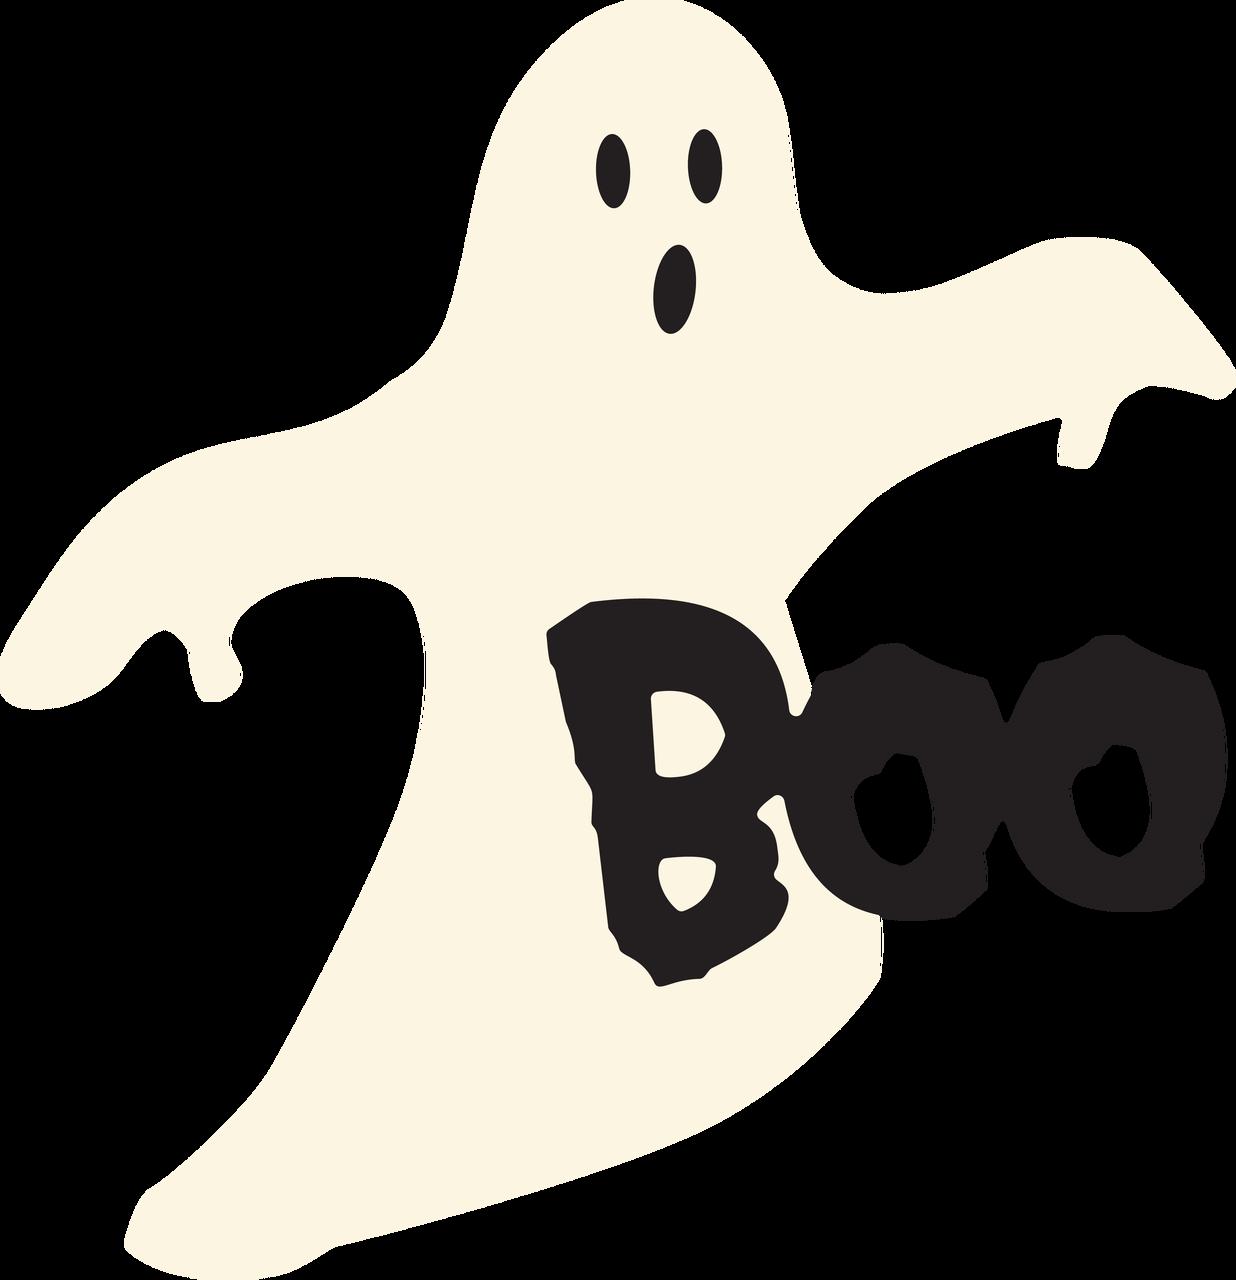 Boo #2 SVG Cut File